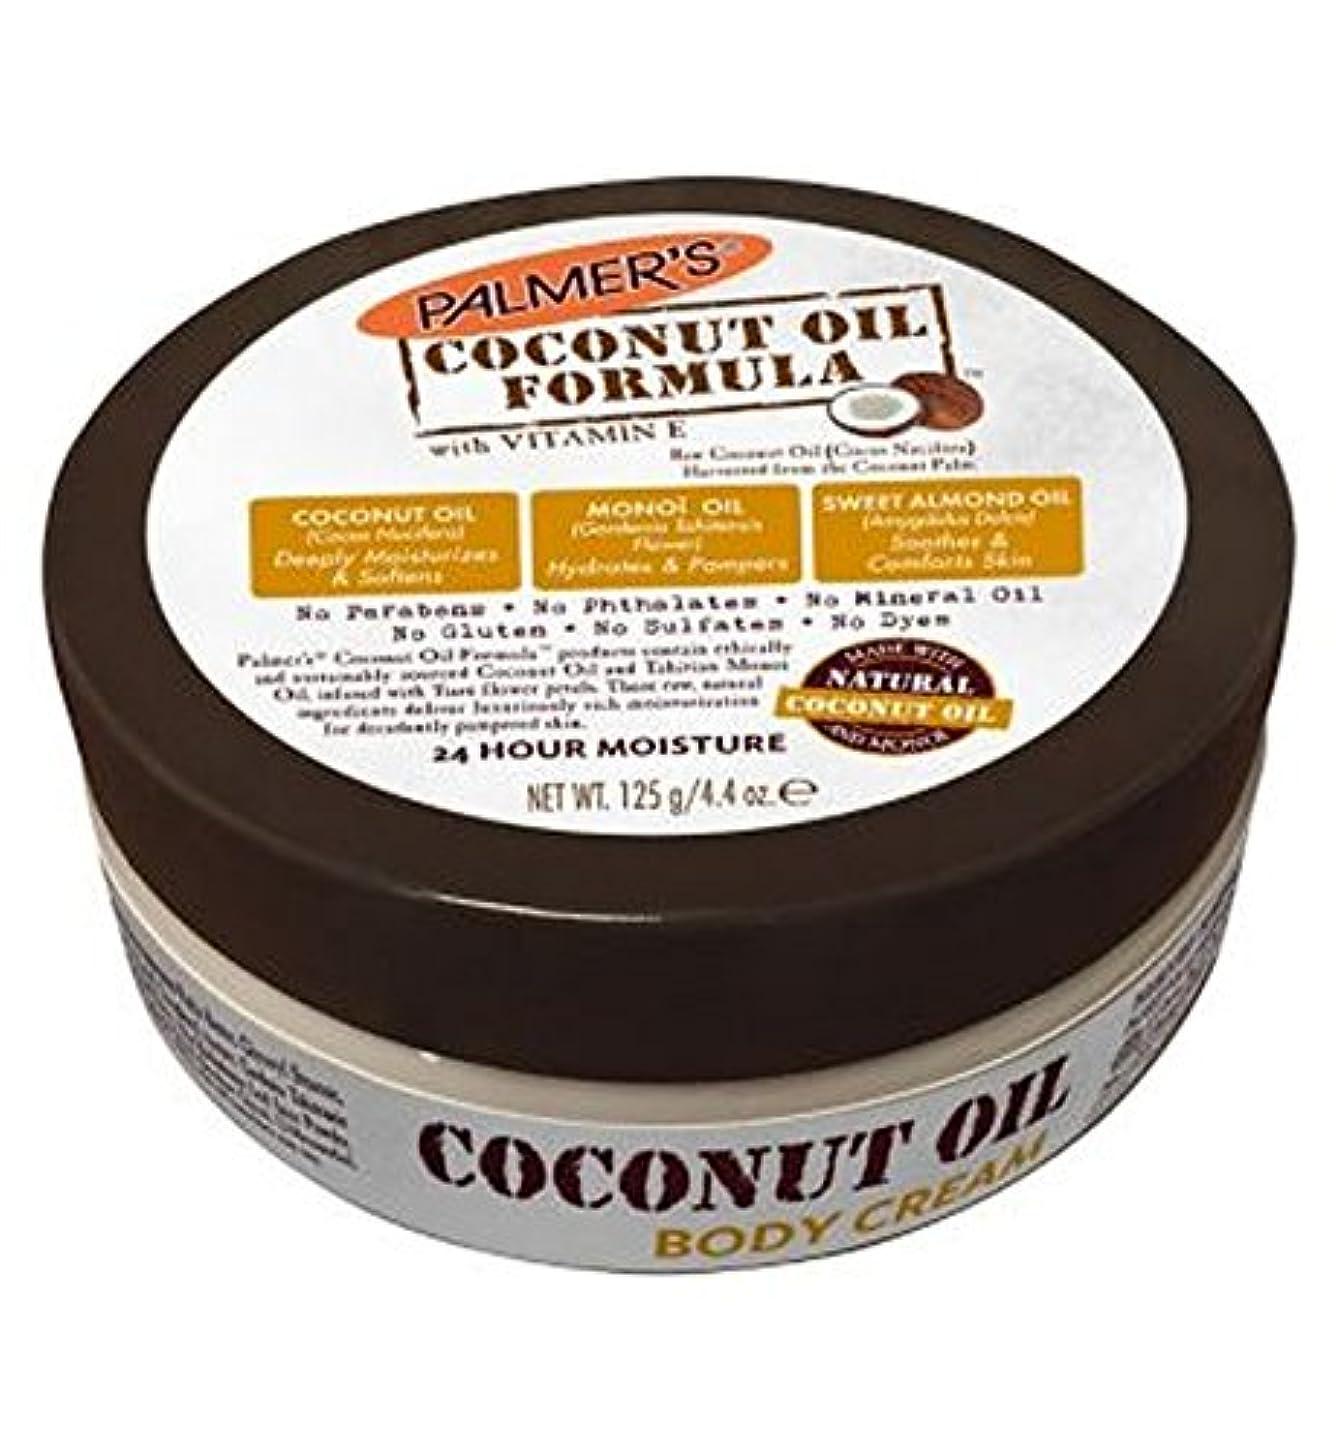 掻くジレンマ精査するPalmer's Coconut Oil Formula Body Cream 125g - パーマーのヤシ油式ボディクリーム125グラム (Palmer's) [並行輸入品]